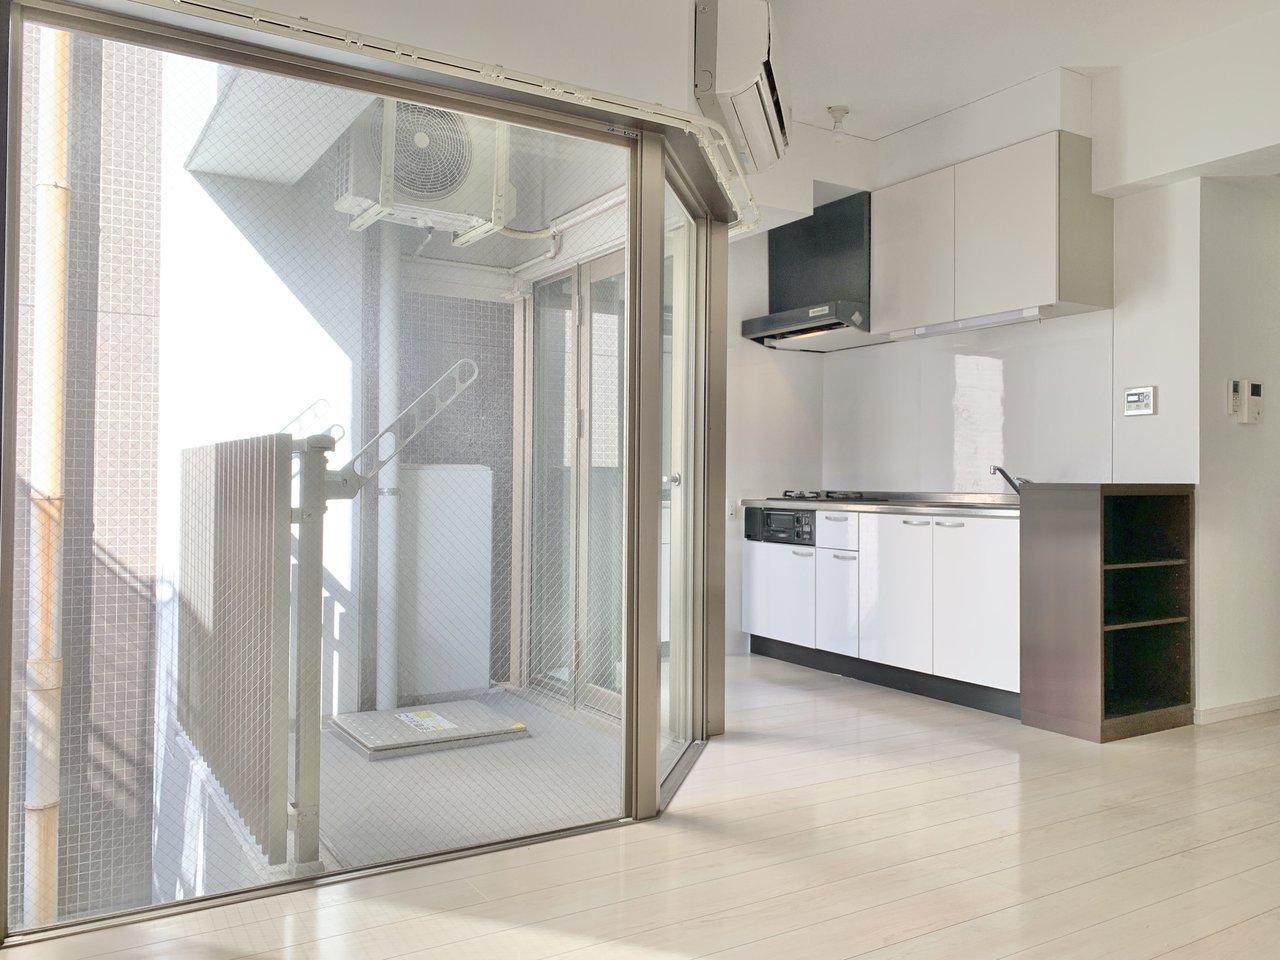 この窓の形がポイント。キッチンまで明るく、気持ちよく料理ができそうですね。